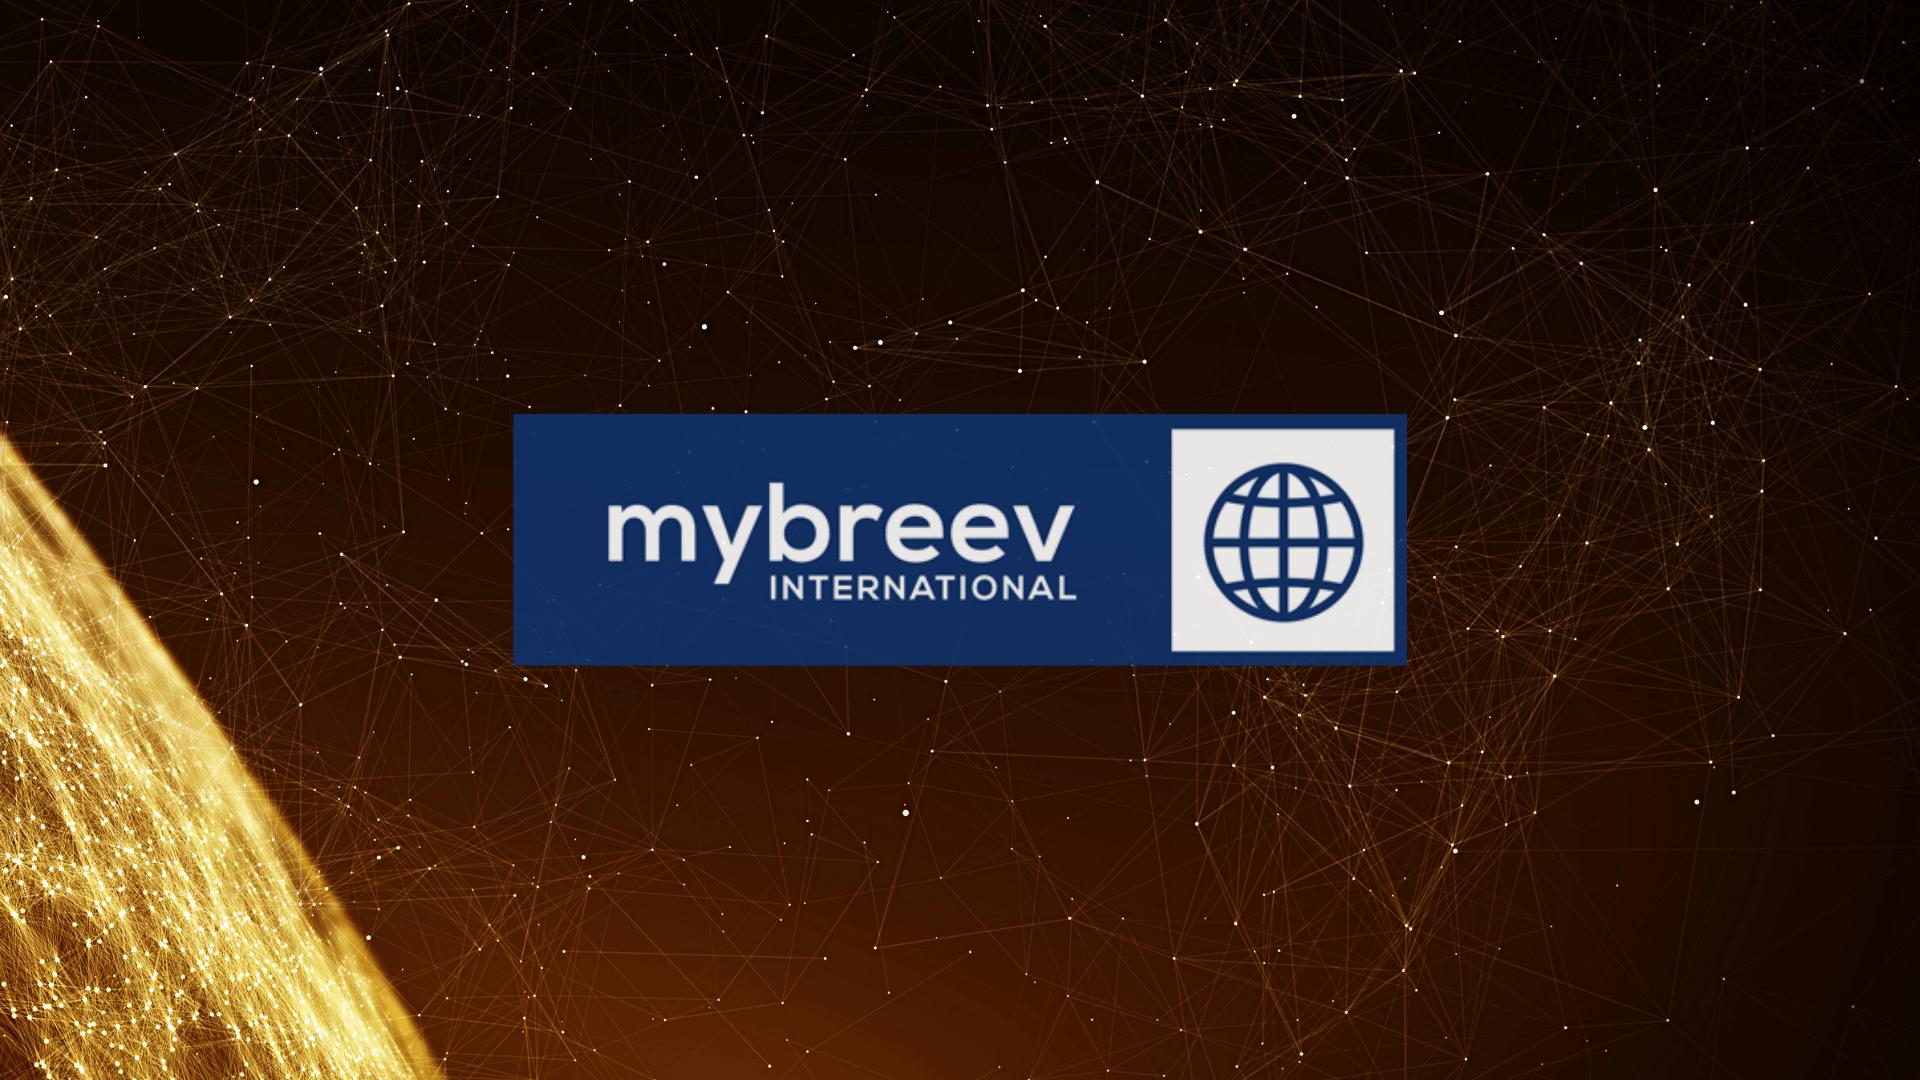 mybreev International Partner & Broker Program